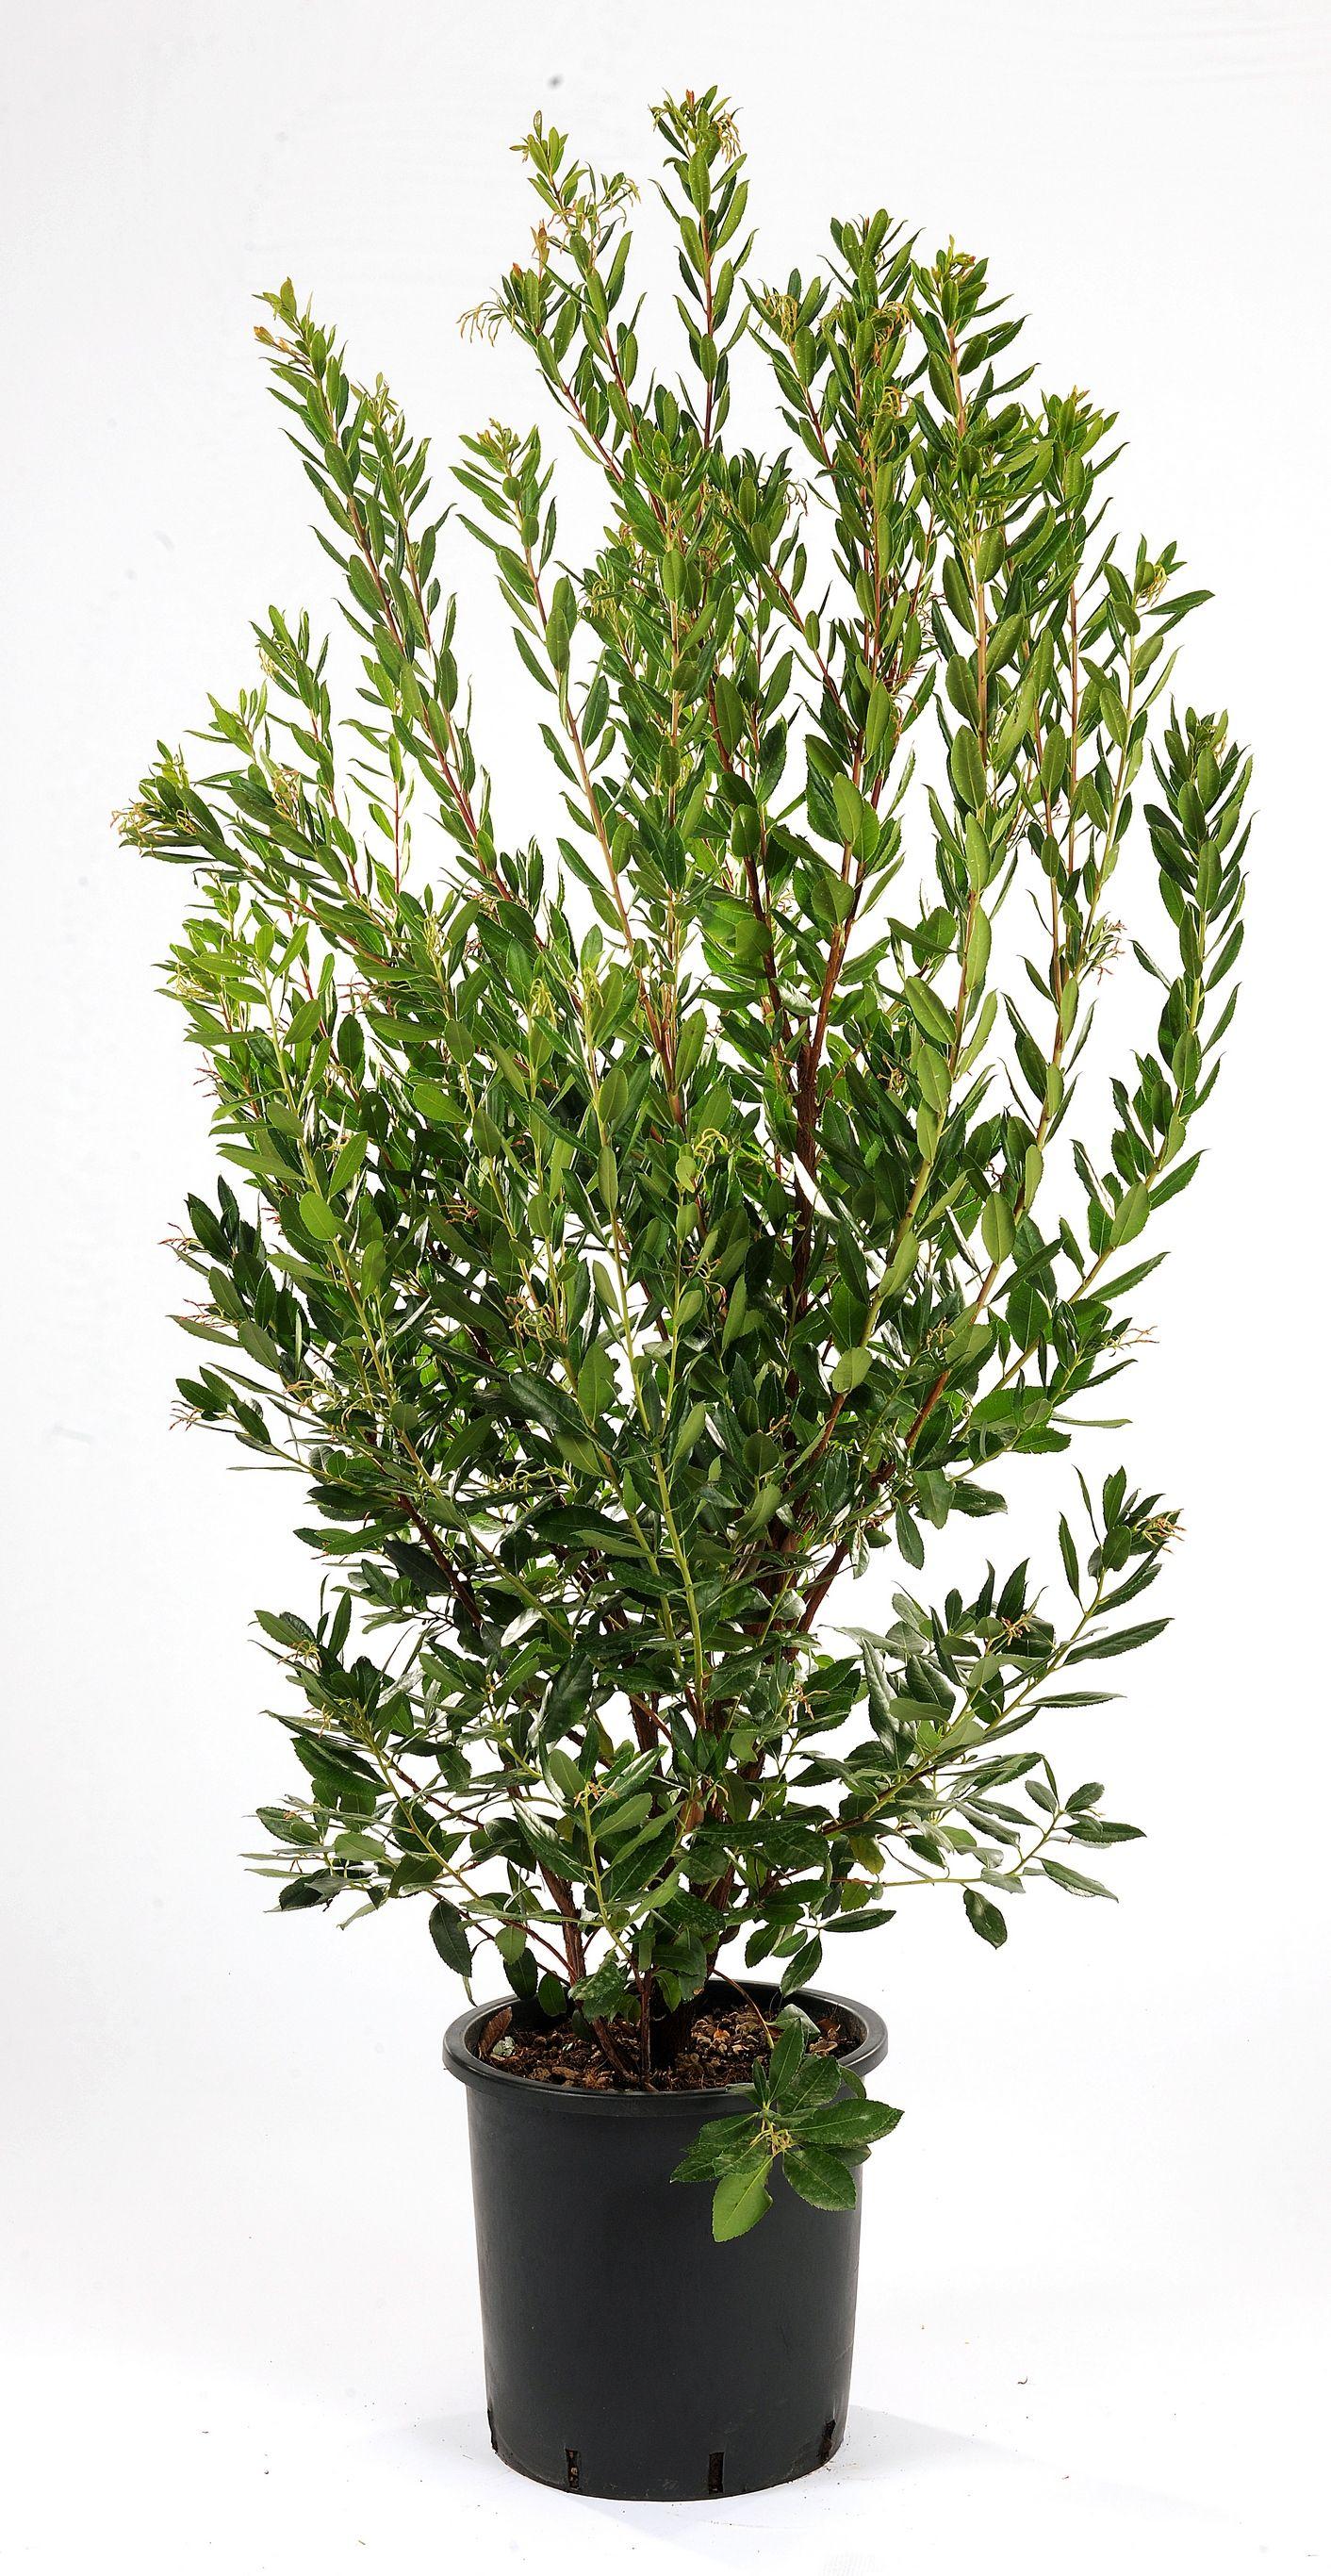 arbousier ou arbustus unedo arbuste fruits comestibles r sistant la s cheresse plantes. Black Bedroom Furniture Sets. Home Design Ideas